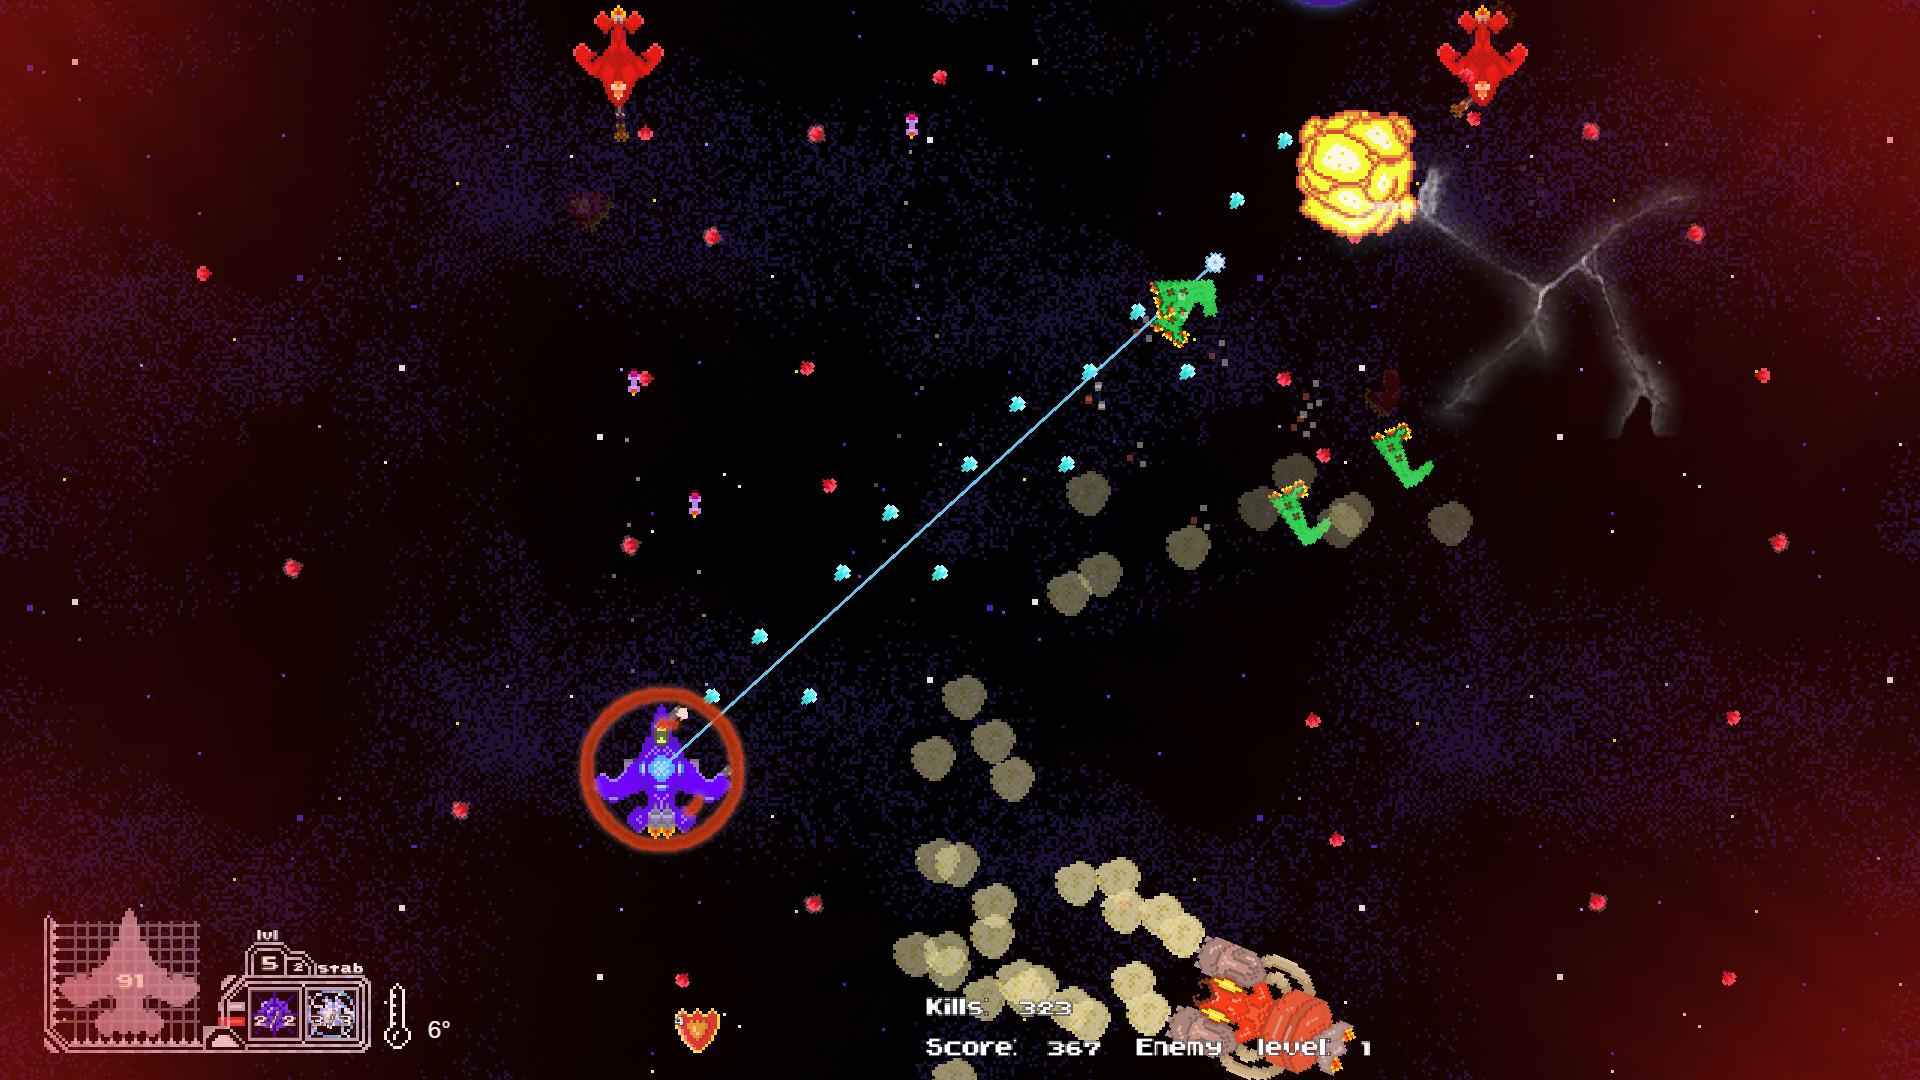 com.steam.926820-screenshot